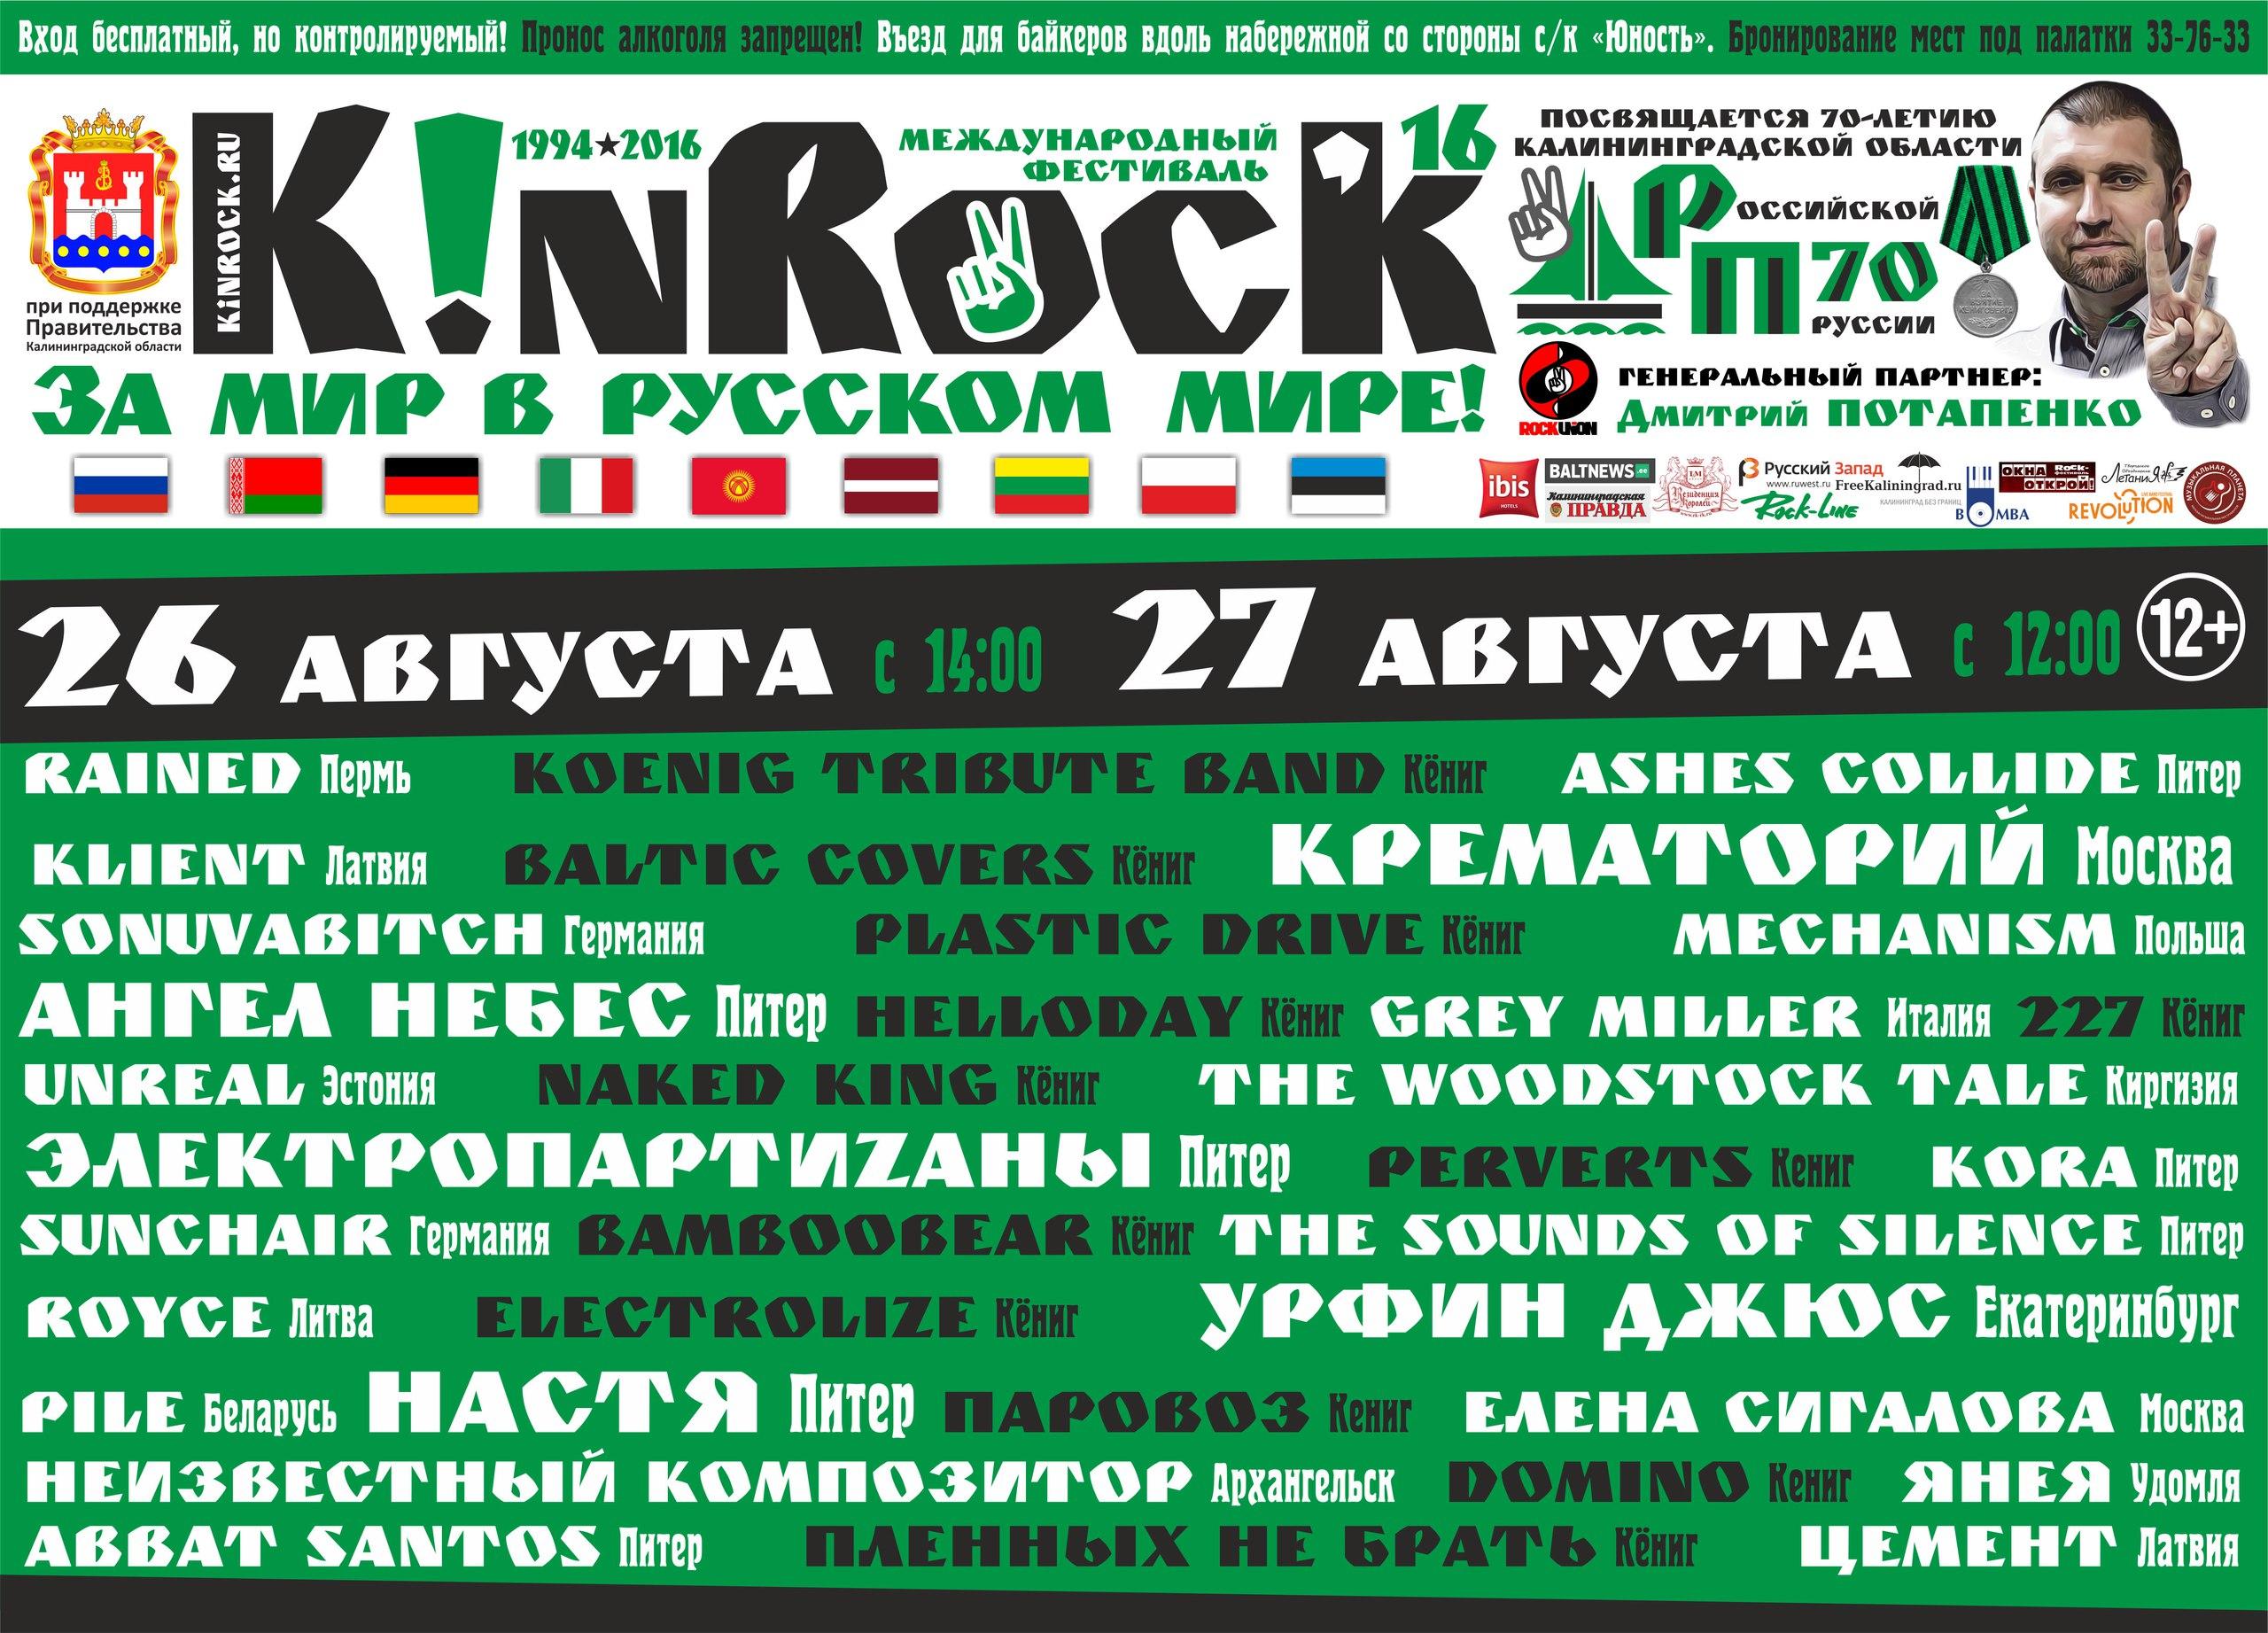 kinrock